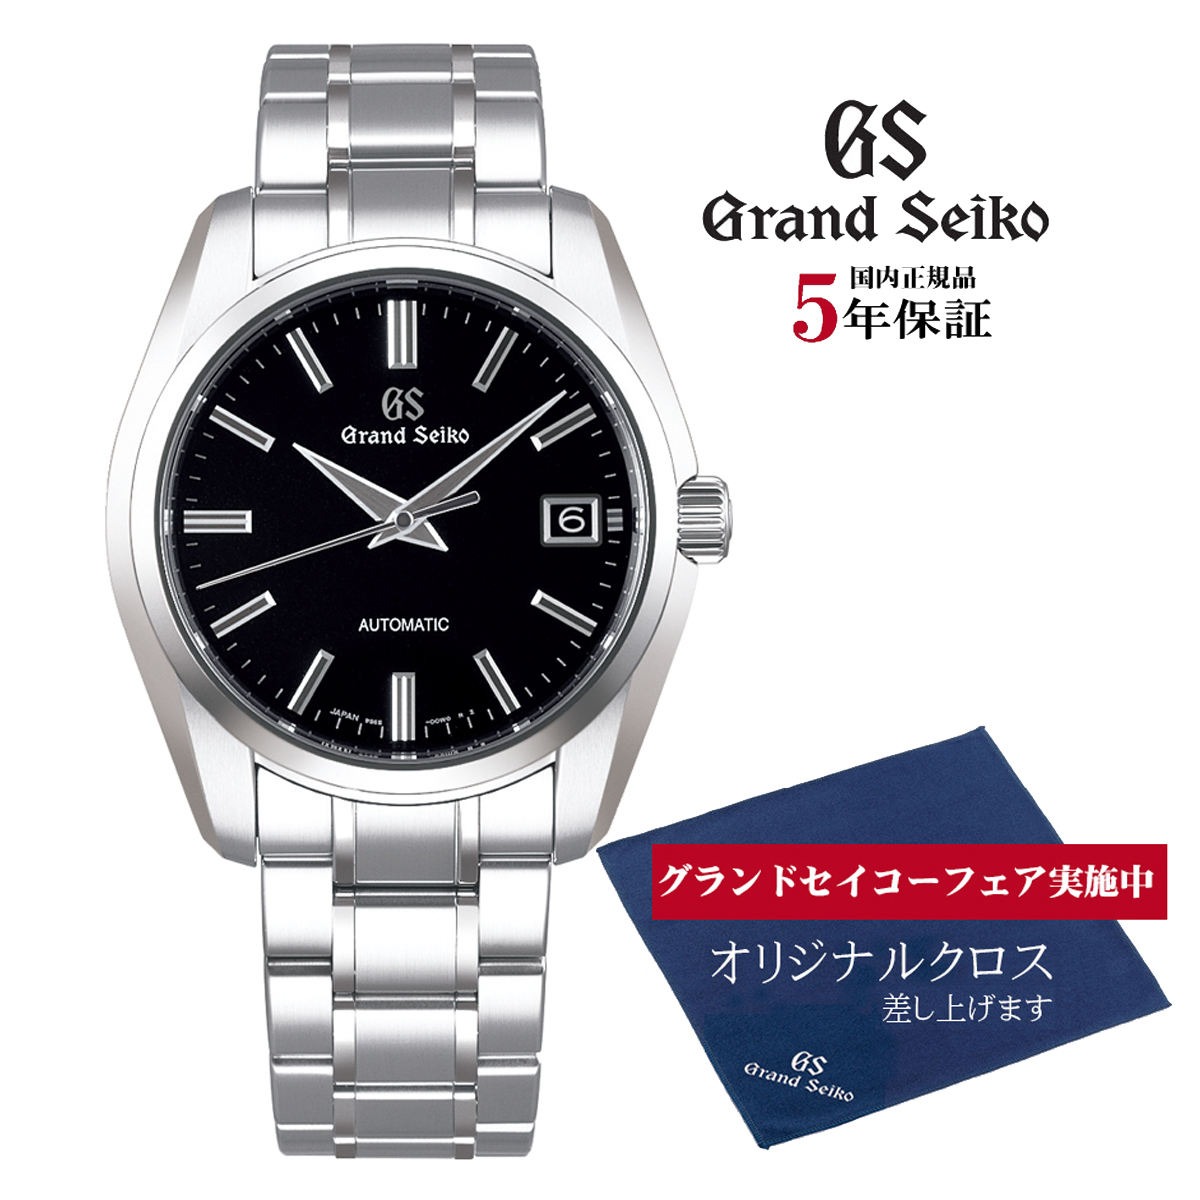 正規メーカー保証3年 正規品 Grand Seiko グランドセイコー SBGR317 9Sメカニカル 腕時計